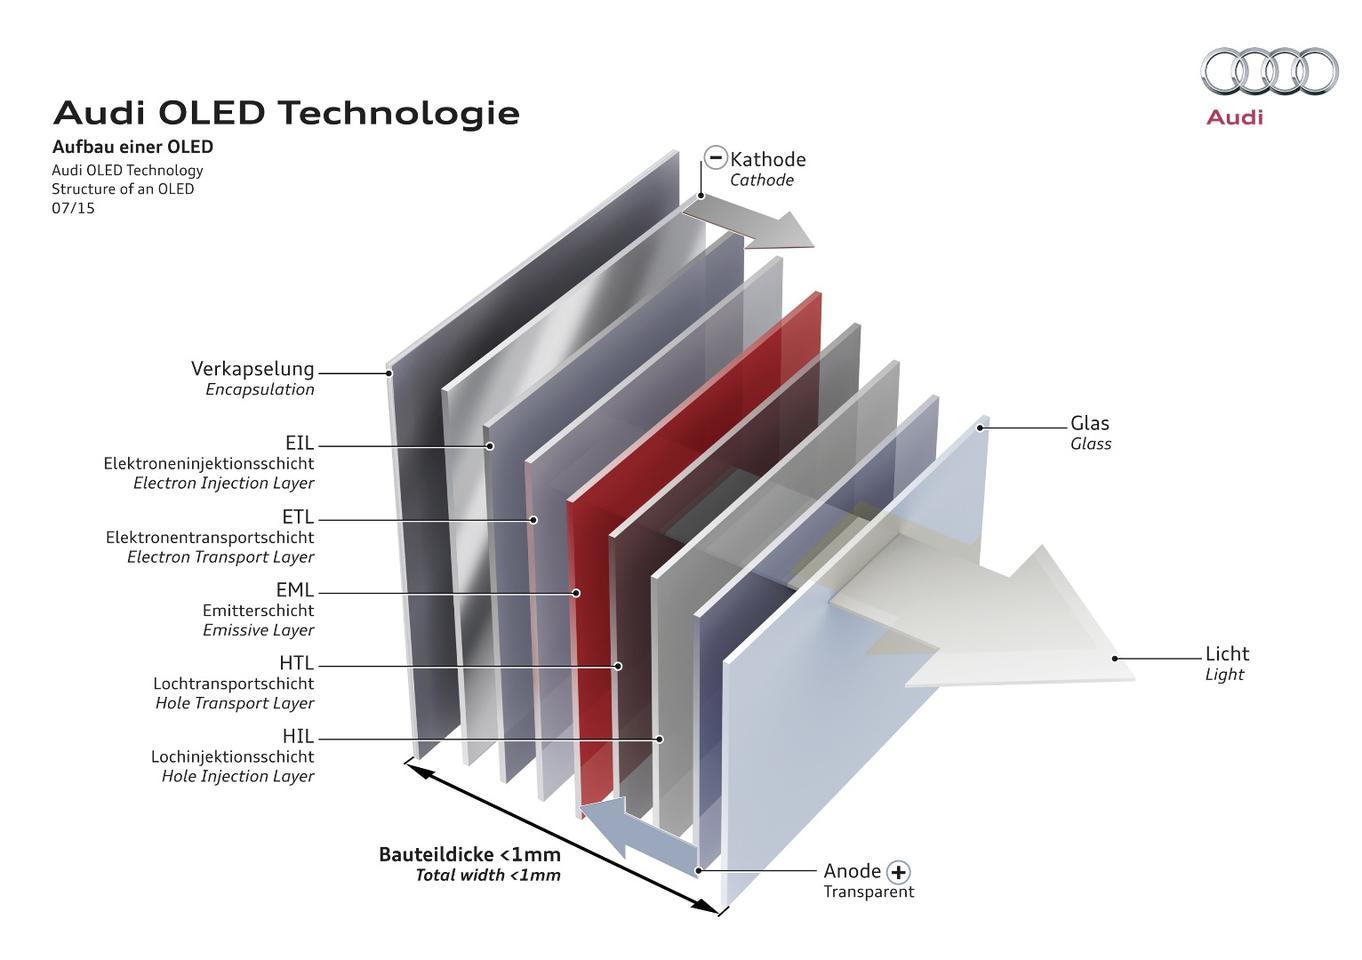 Diagram of Audi's OLED design